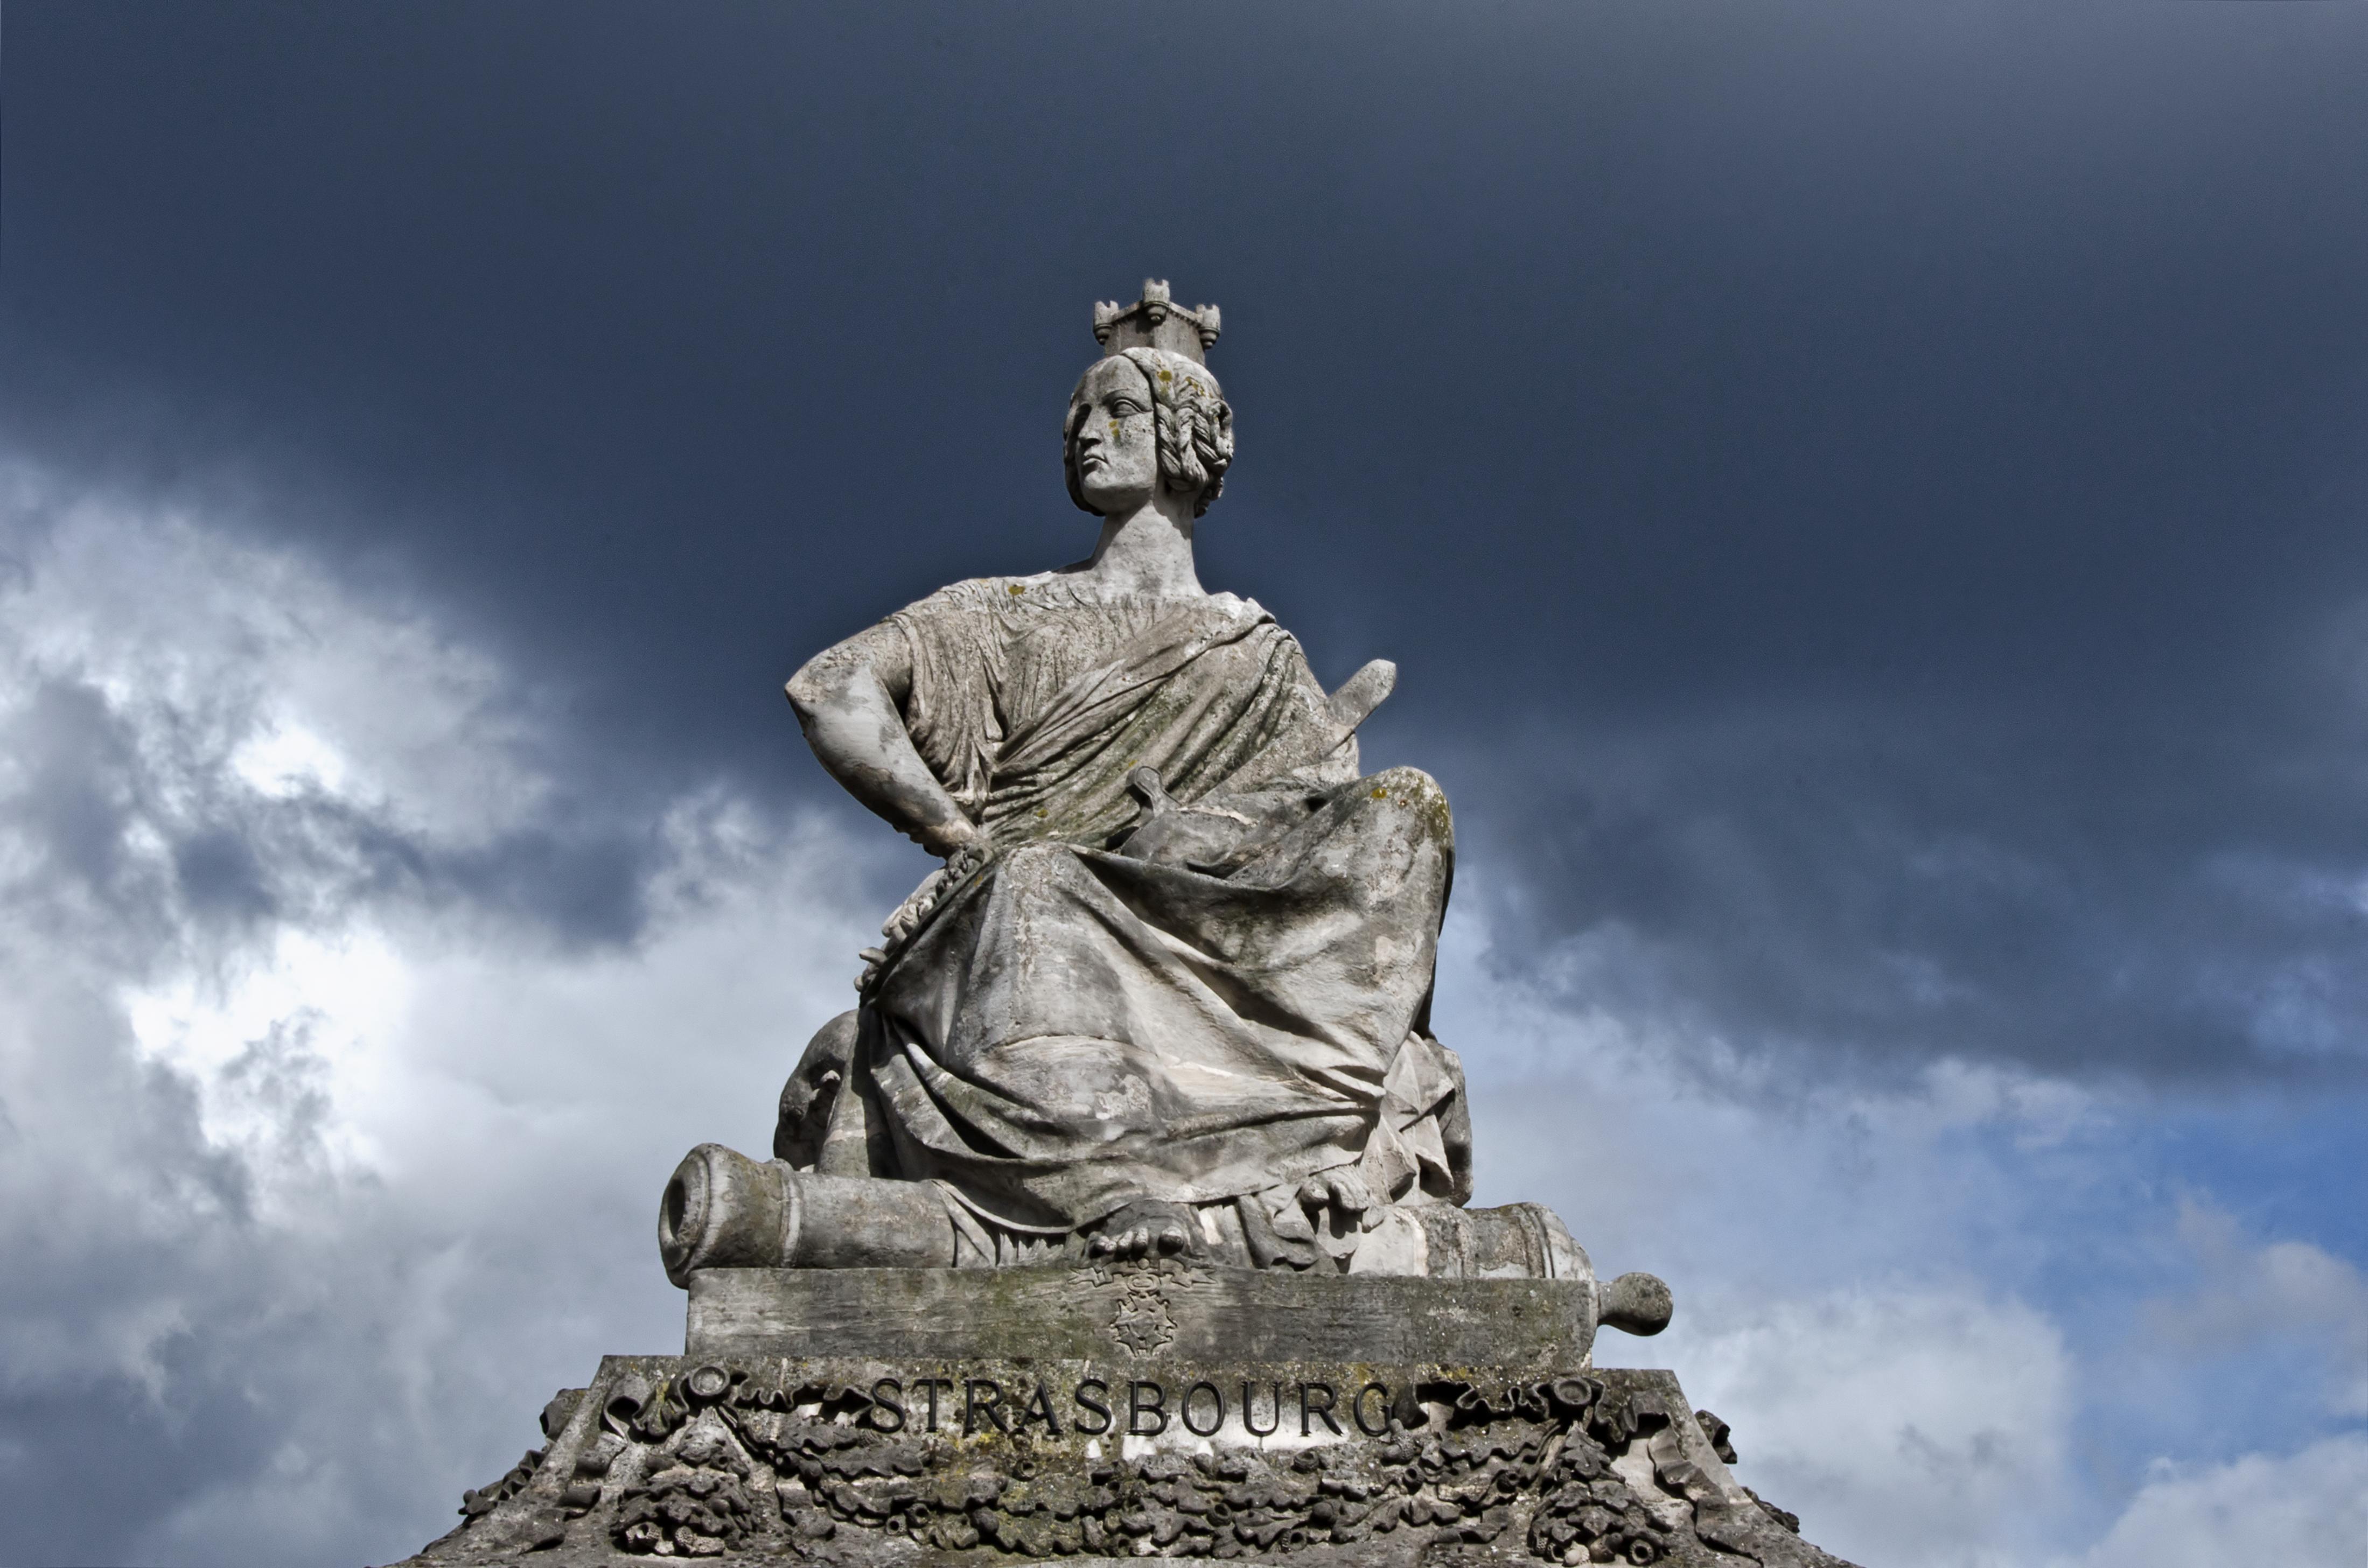 file statue of strasbourg on place de la concorde paris france